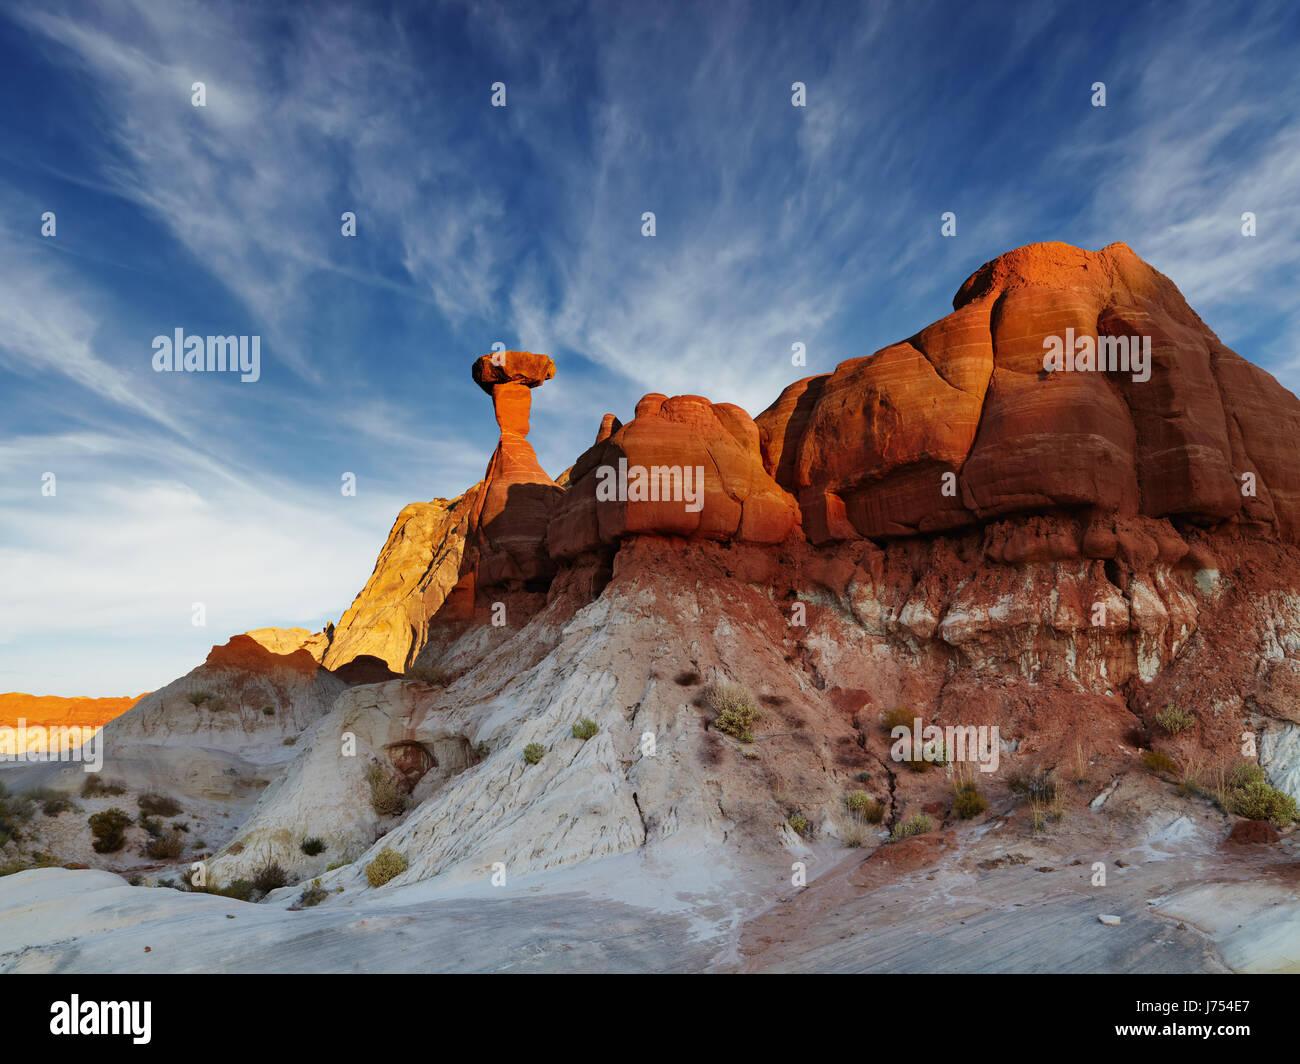 Toadstool Hoodoo increíble roca con forma de hongo en el desierto de Utah, EE.UU. Imagen De Stock